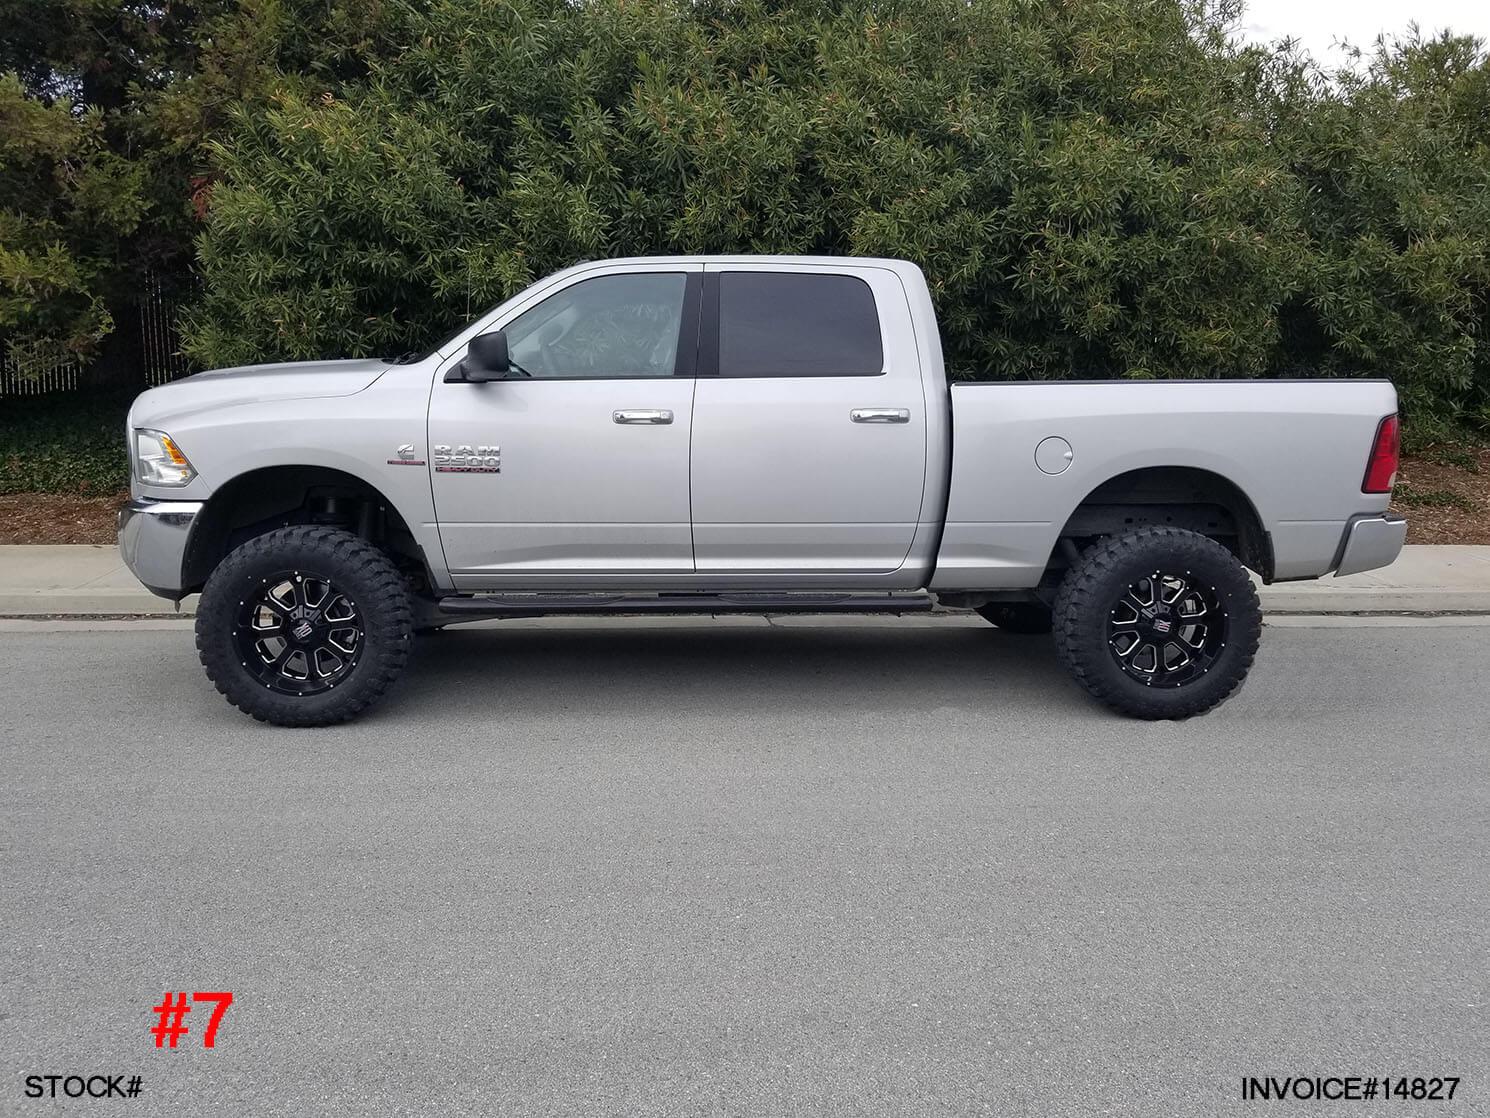 14827-2017 RAM 2500 CREW CAB